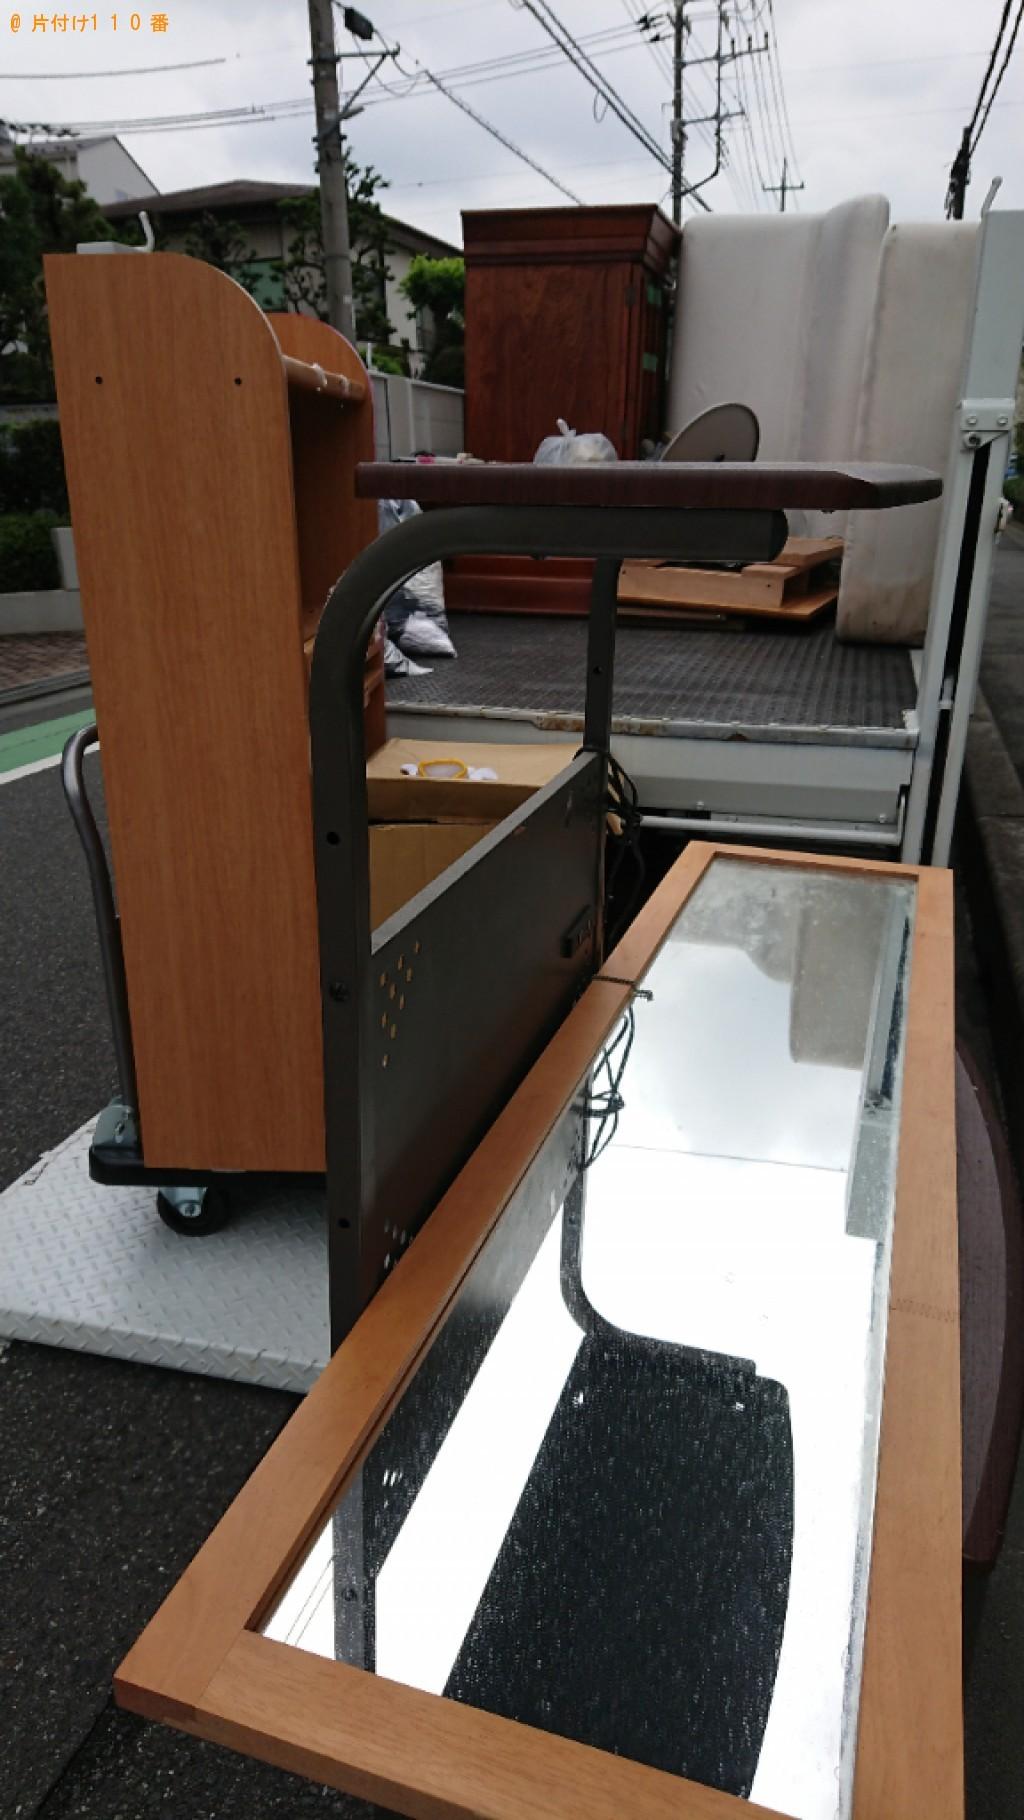 【さいたま市南区】パソコン、PCデスク、学習机等の回収・処分